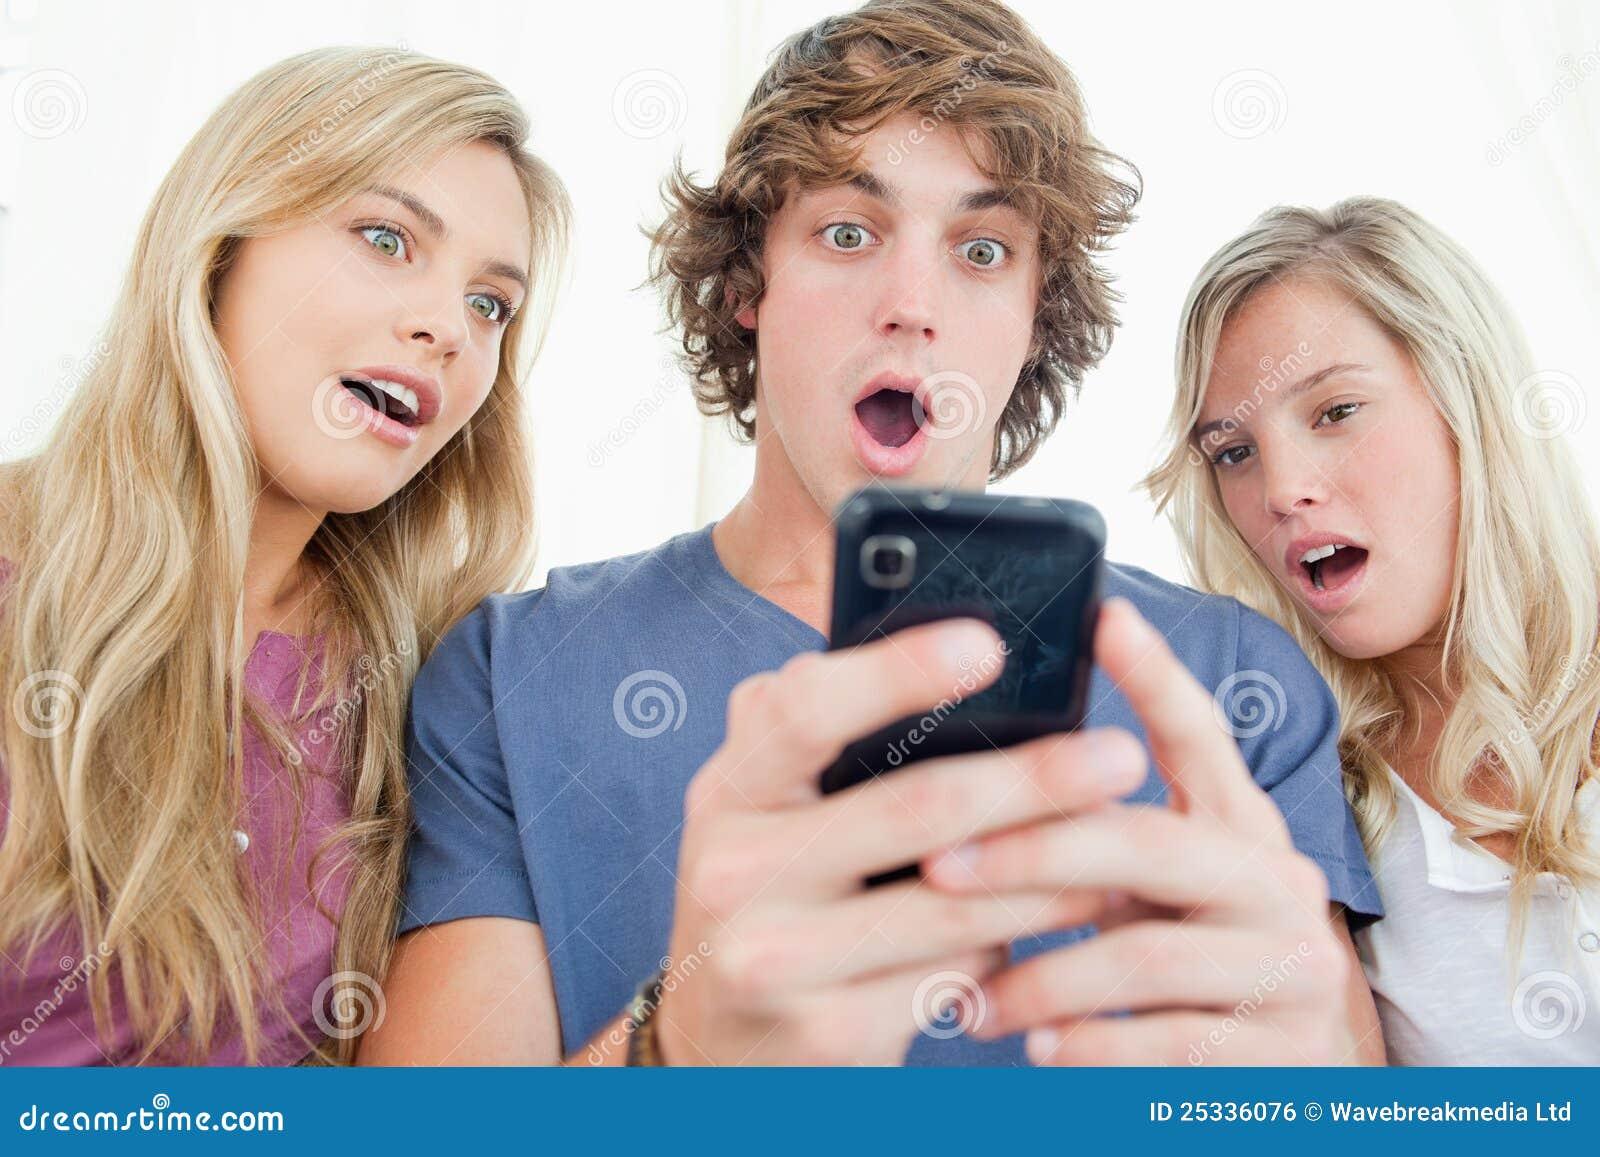 Трое в одной девушке фото 17 фотография